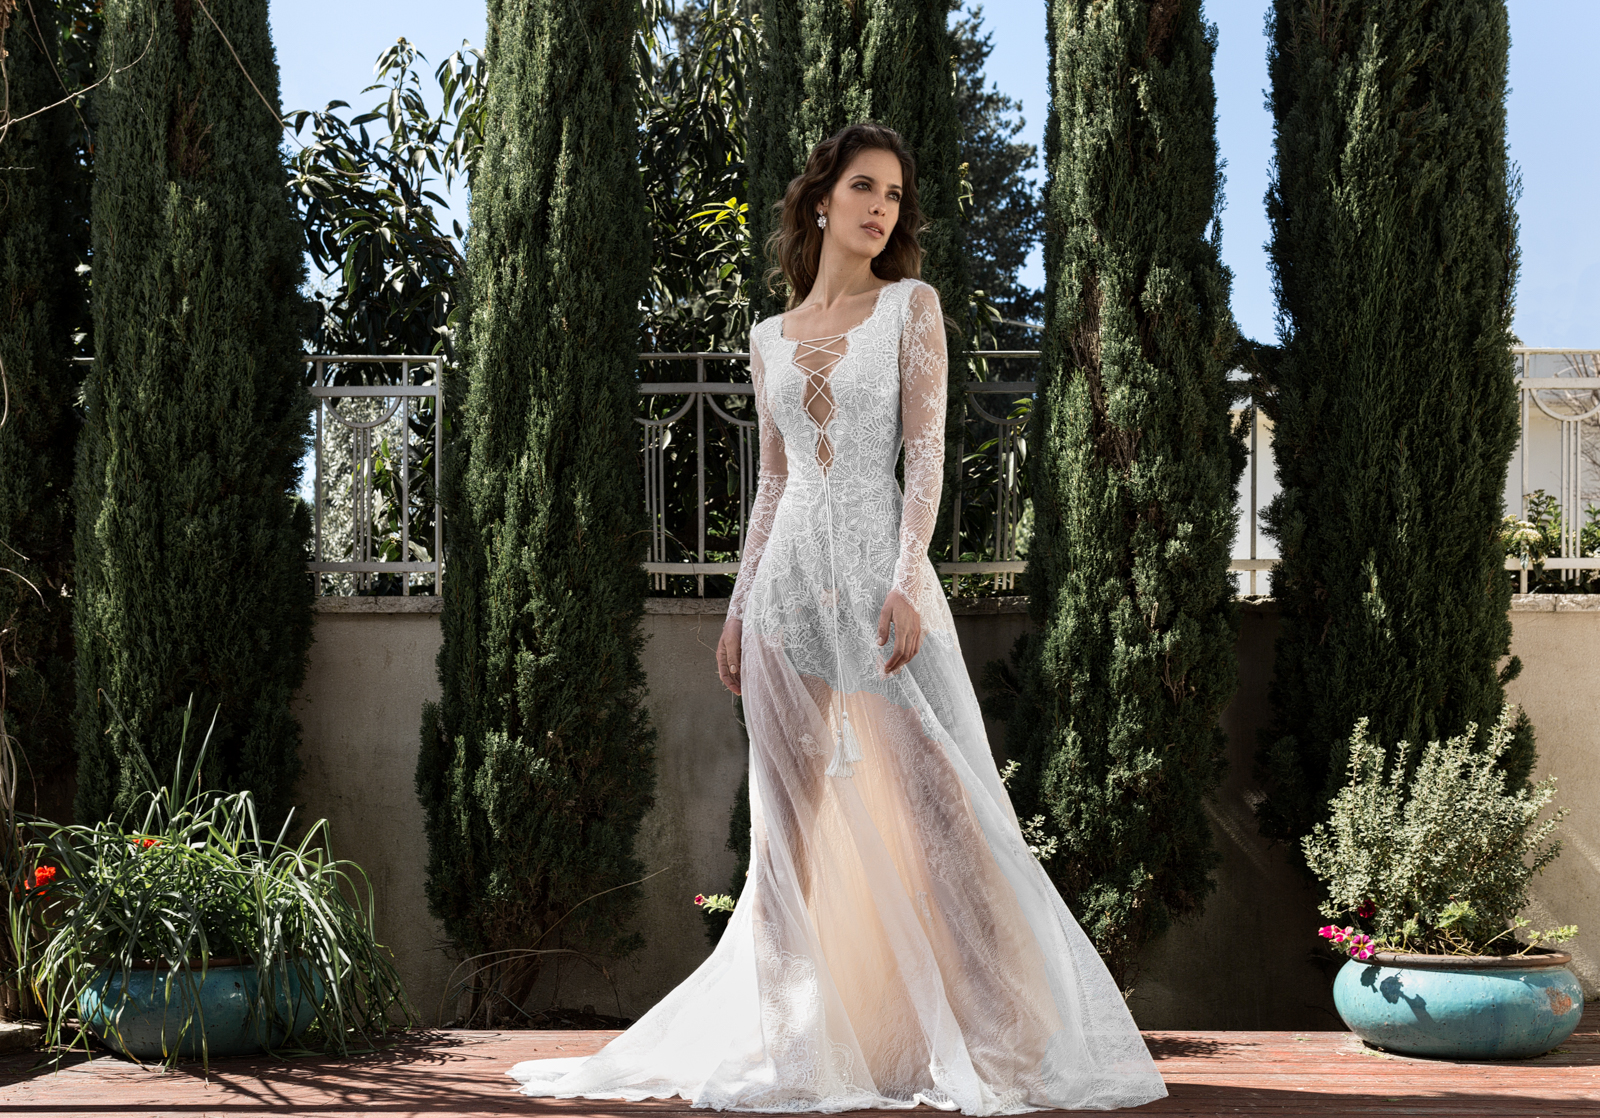 Jenny wedding dress